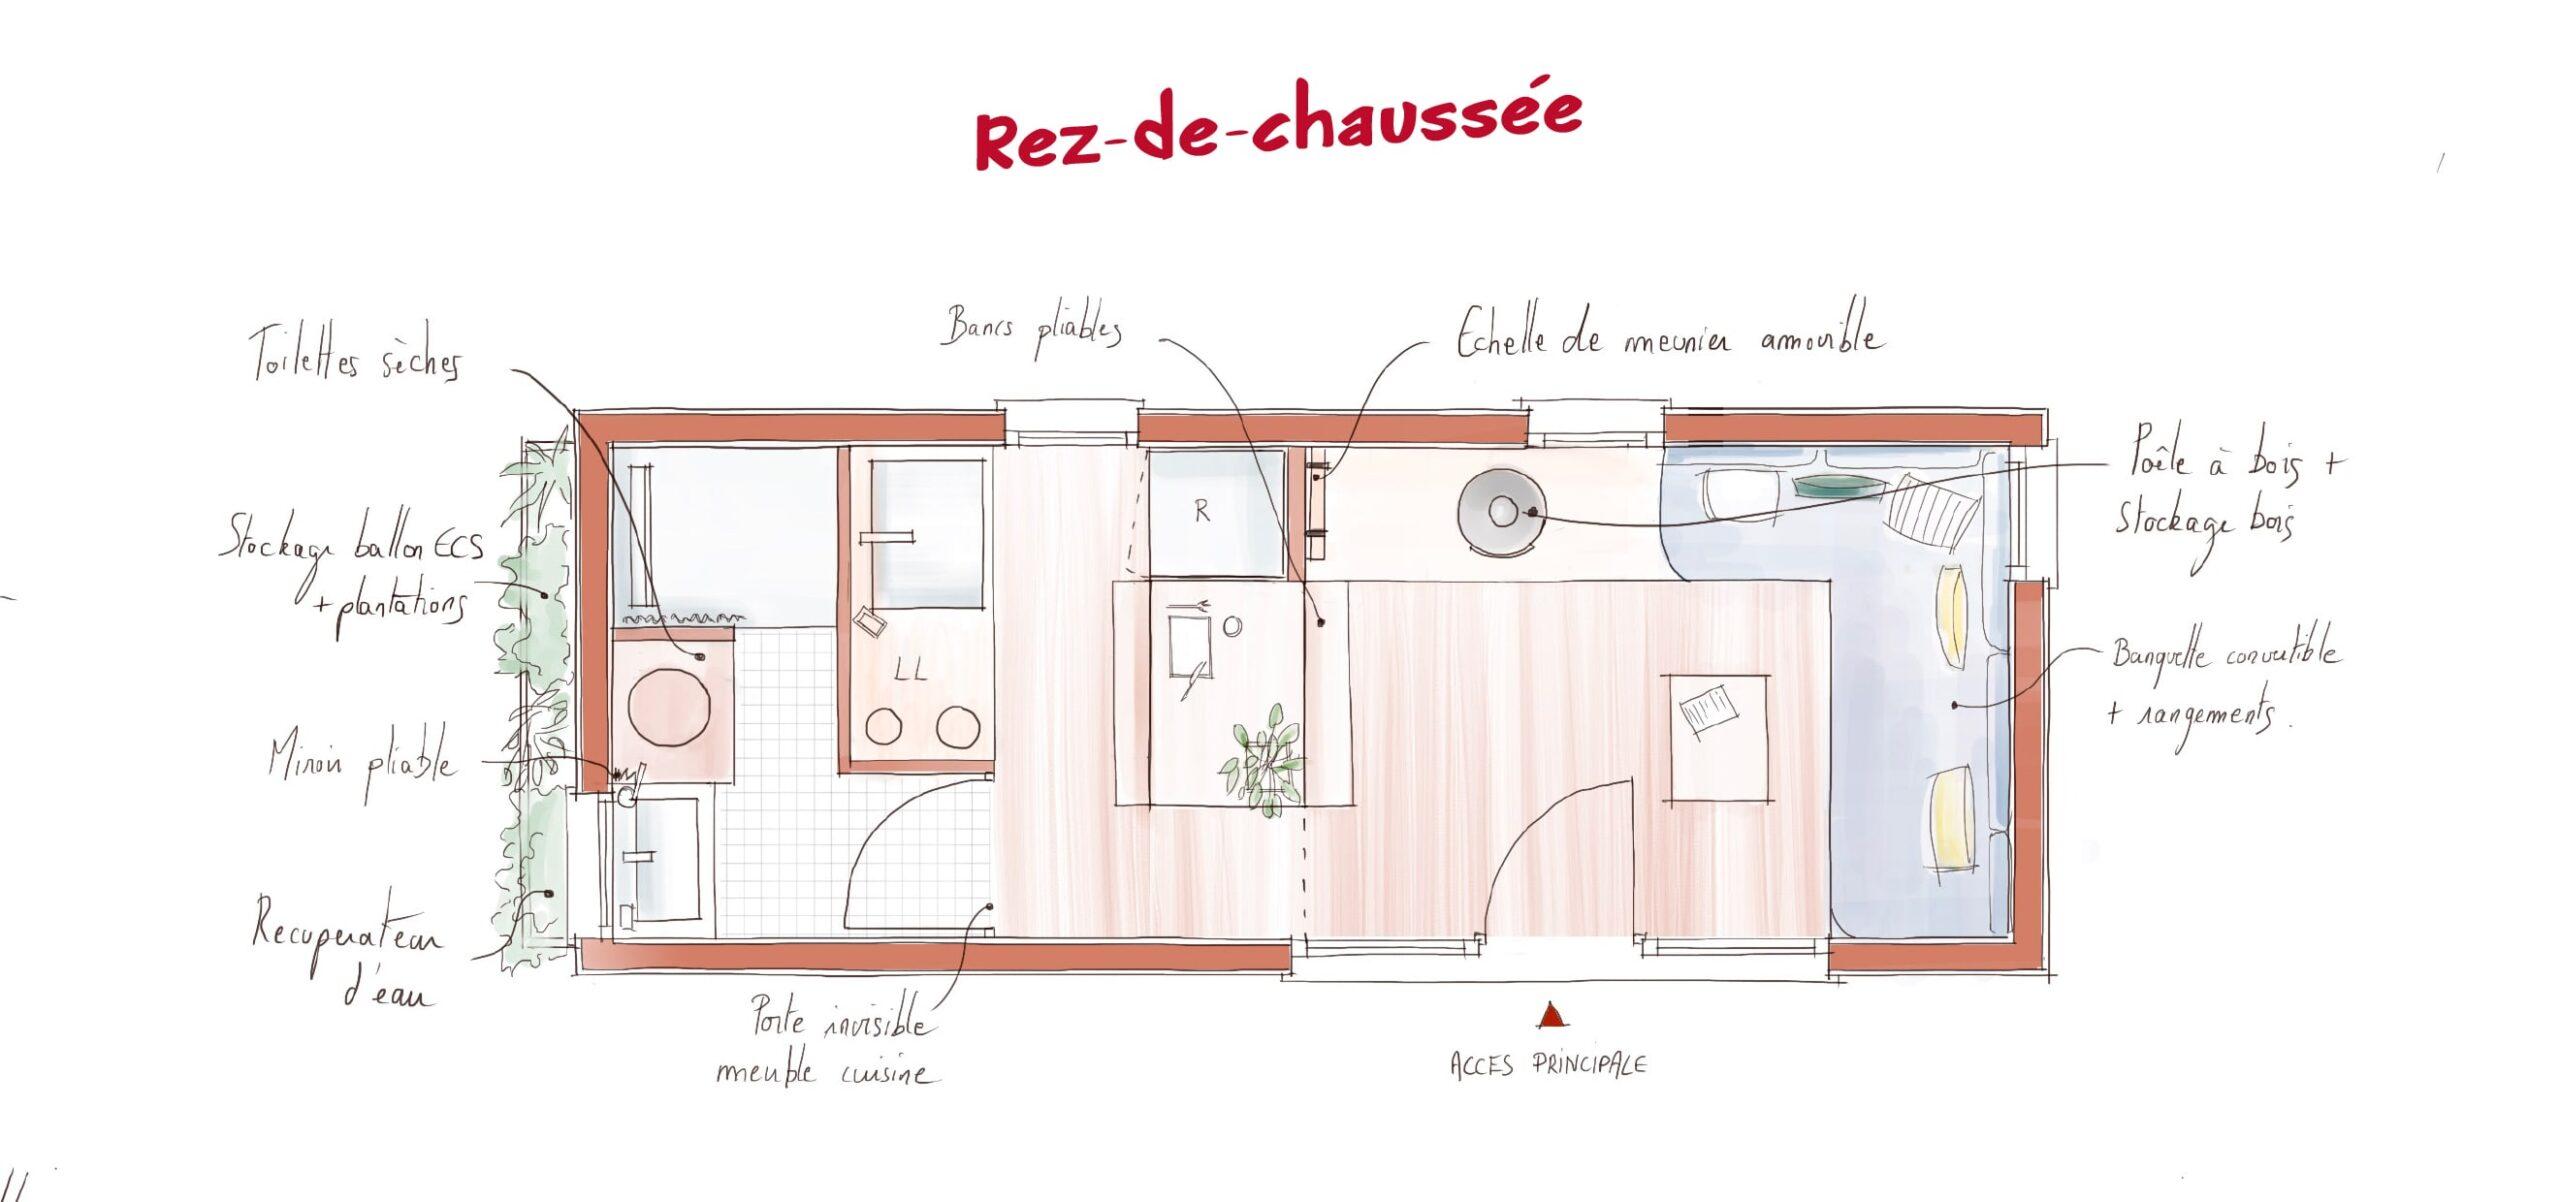 tiny-house-particulier-eco-rez-de-chaussee